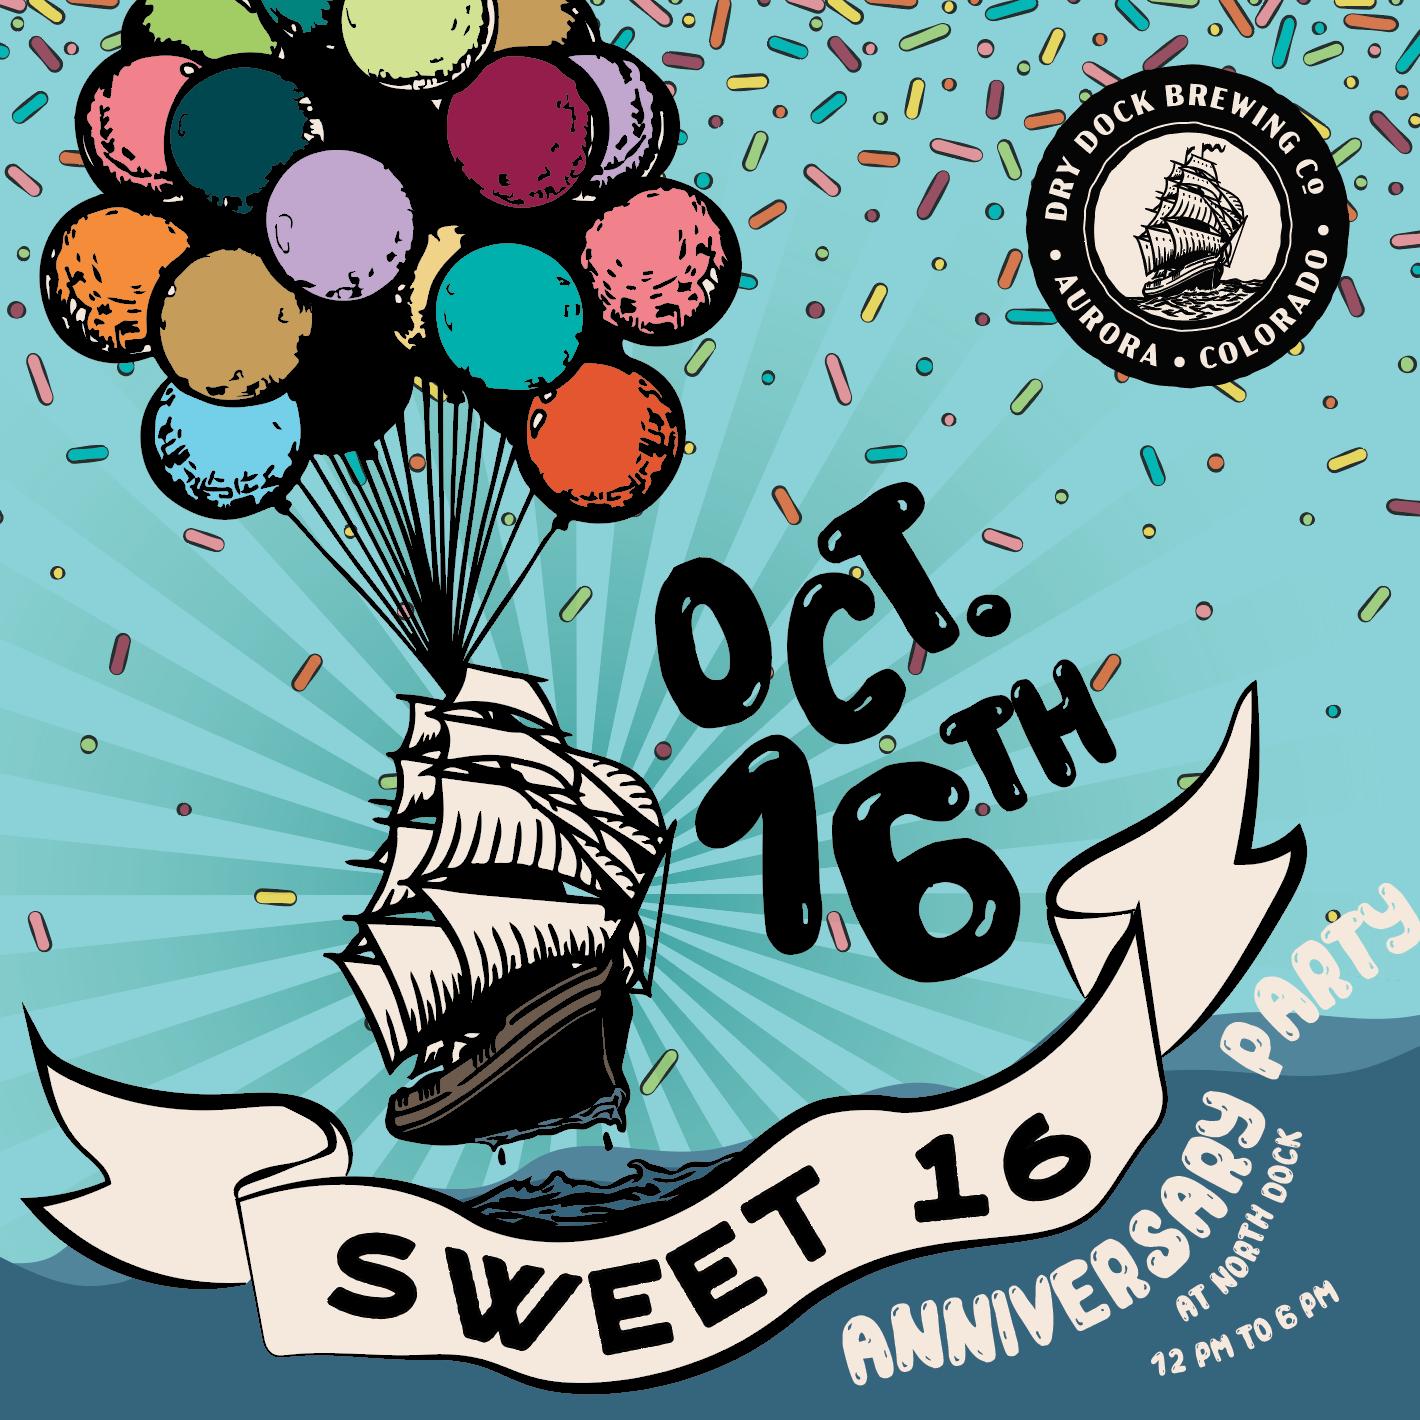 Dry Dock's Sweet 16